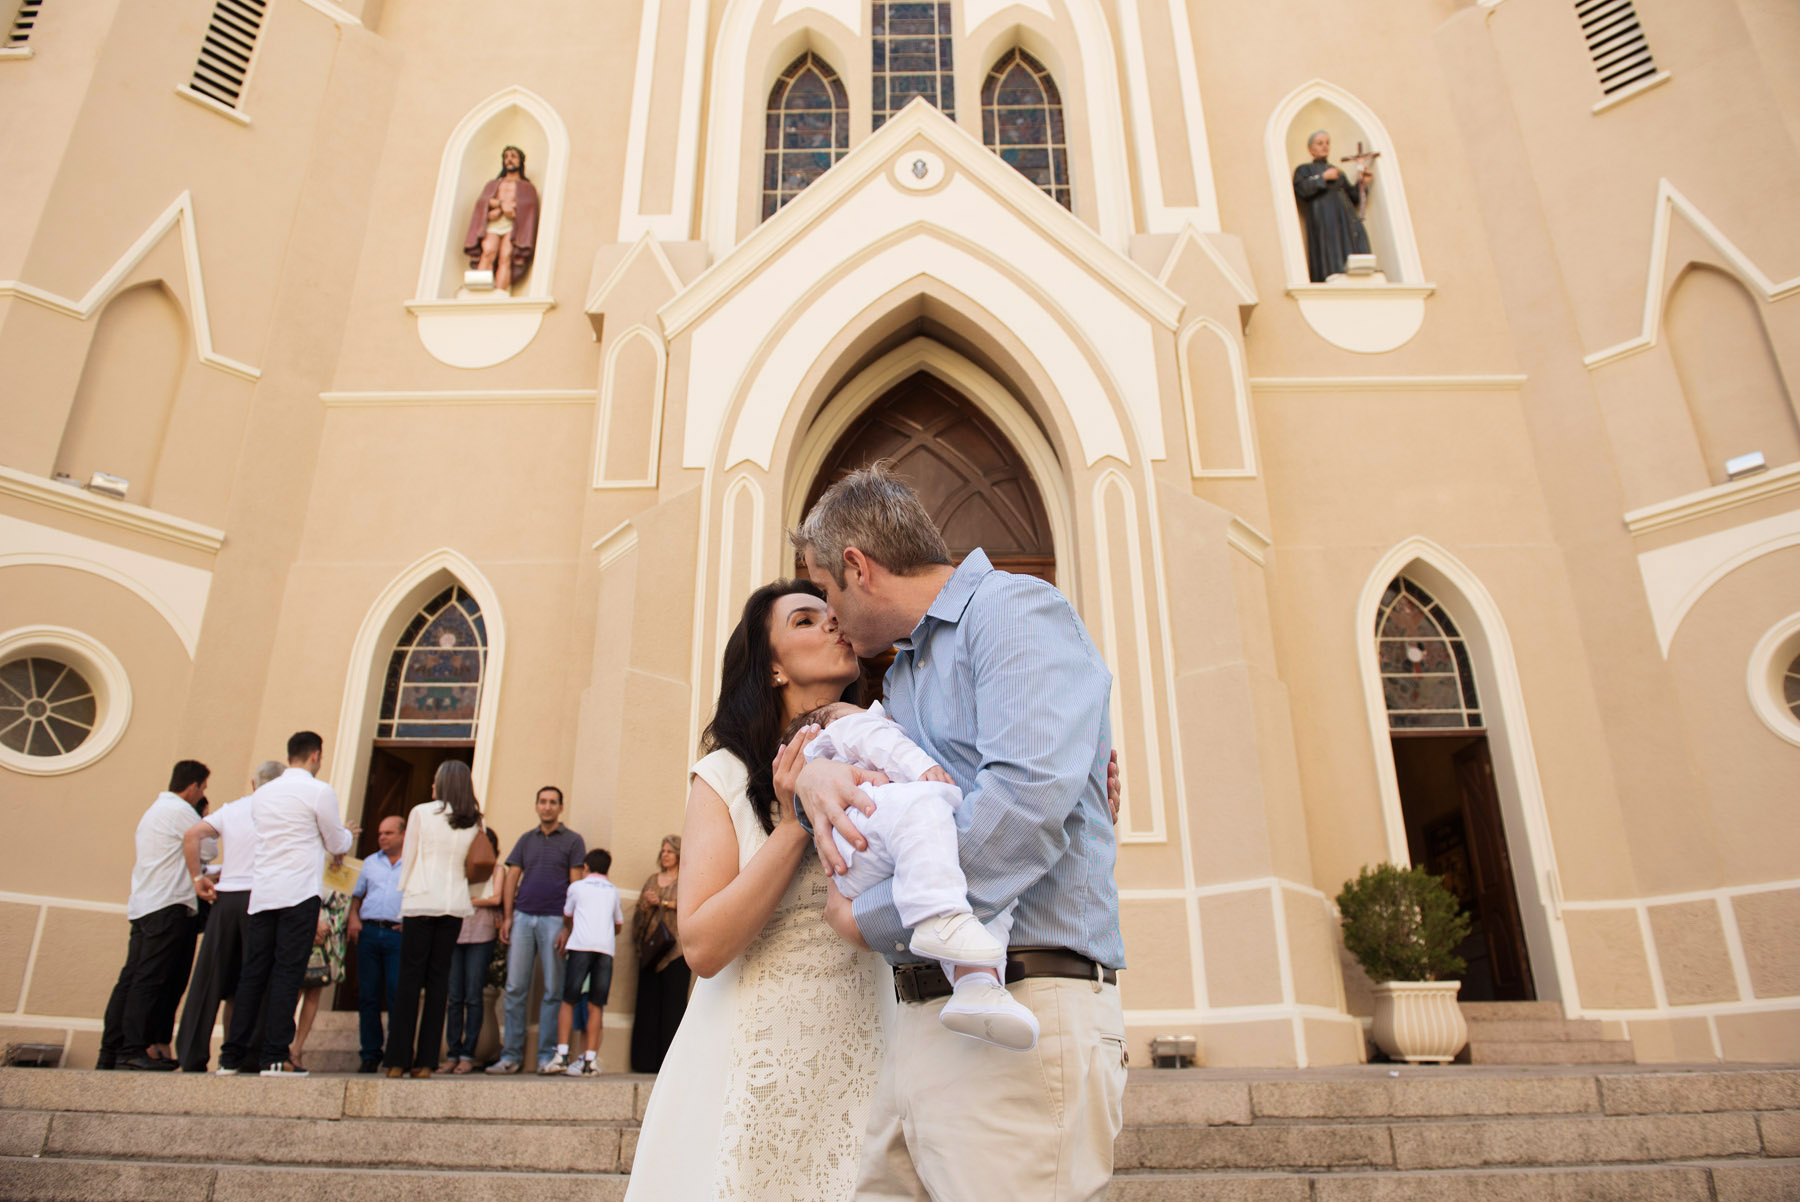 008-batizado-curitiba-fotografo-crianças-guswanderley.jpg